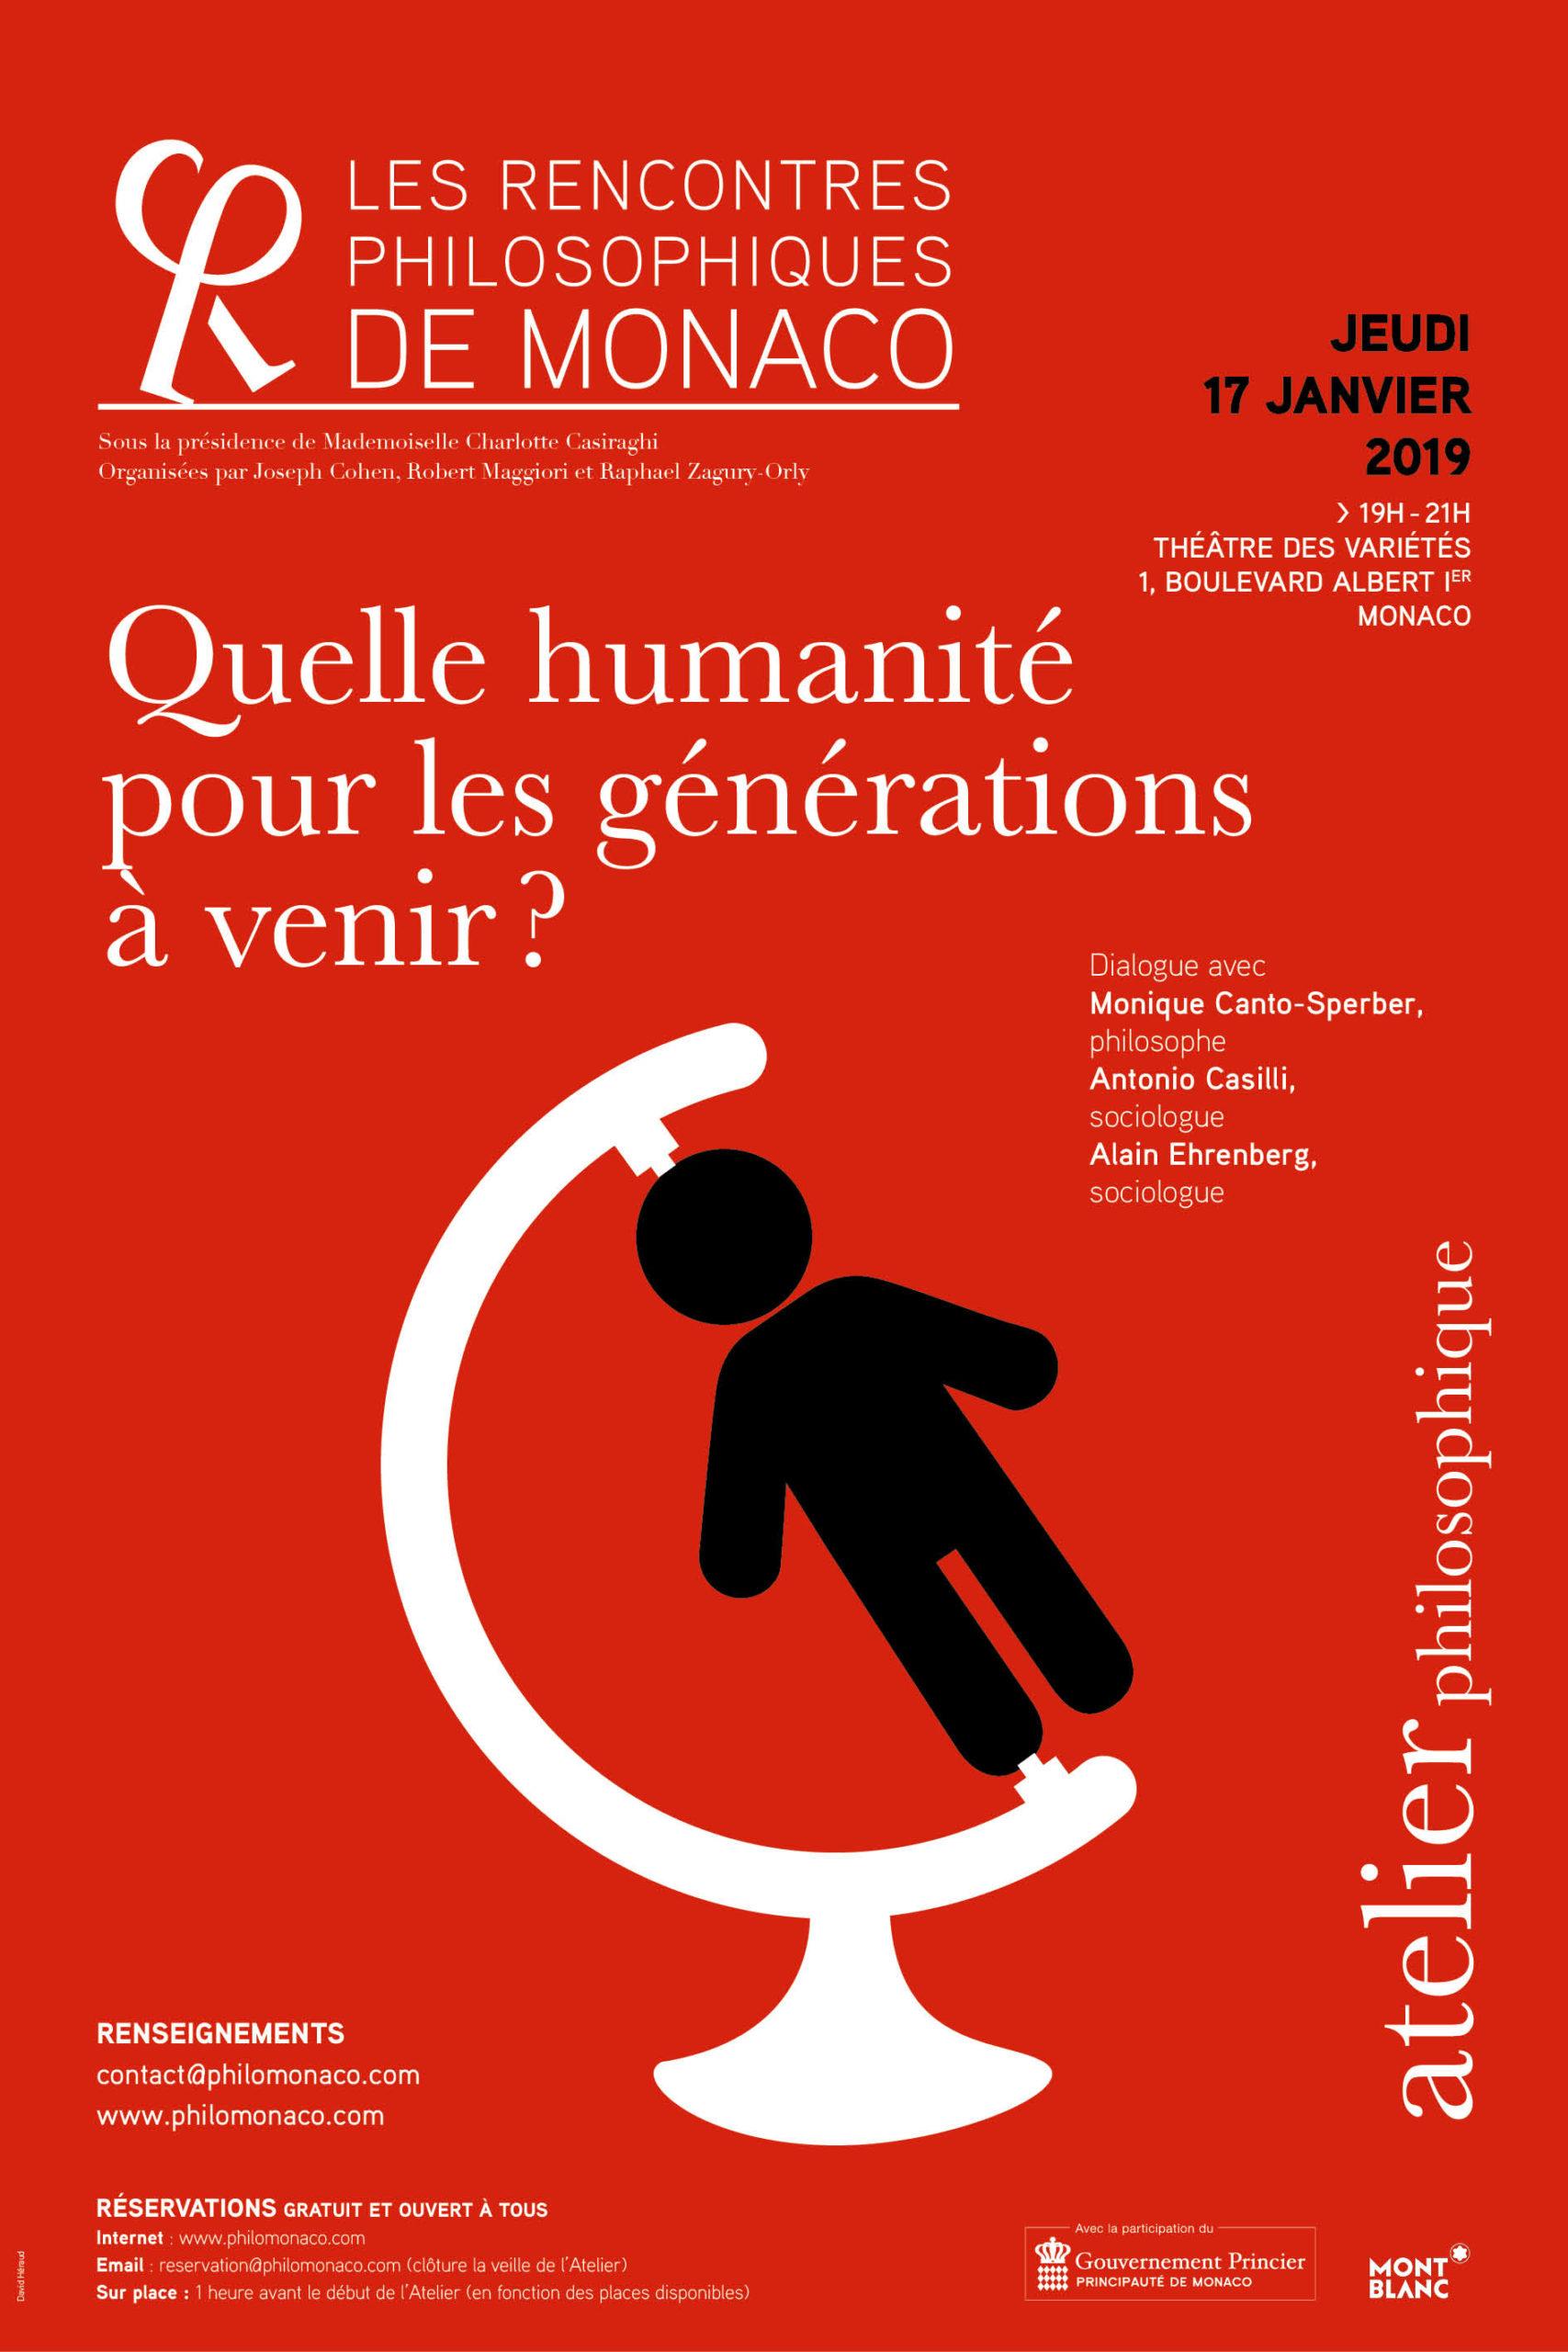 4911, 4911, Quelle humanité, quelle-humanite-scaled.jpg, 411053, http://philomonaco.com/wp-content/uploads/2018/09/quelle-humanite-scaled.jpg, http://philomonaco.com/atelier/quelles-humanites-pour-les-generations-futures/quelle-humanite/, , 2, , , quelle-humanite, inherit, 4842, 2018-09-12 07:51:22, 2018-09-12 07:53:51, 0, image/jpeg, image, jpeg, http://philomonaco.com/wp-includes/images/media/default.png, 1890, 2835, Array